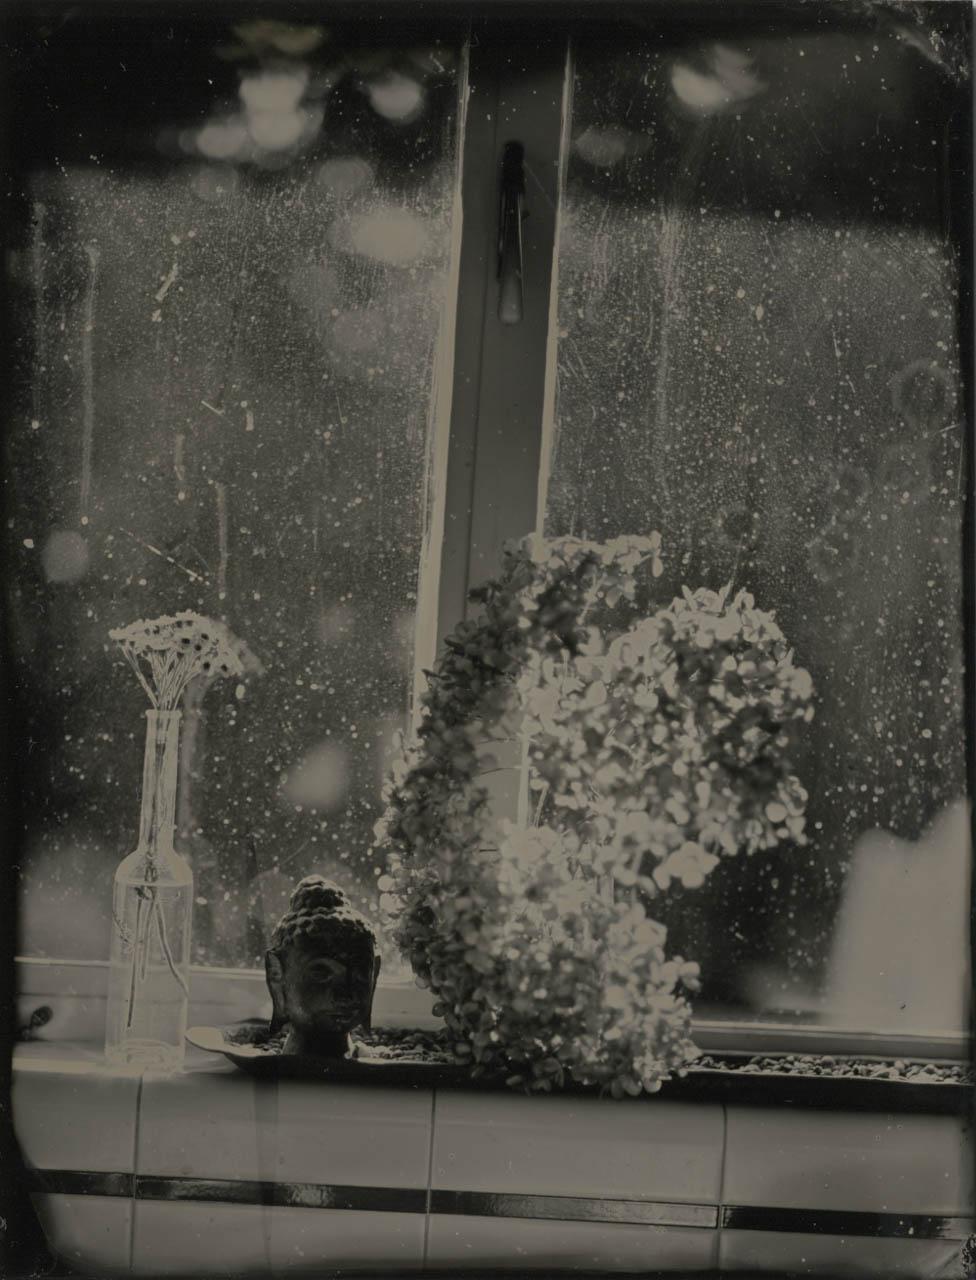 kitchen window188.jpg